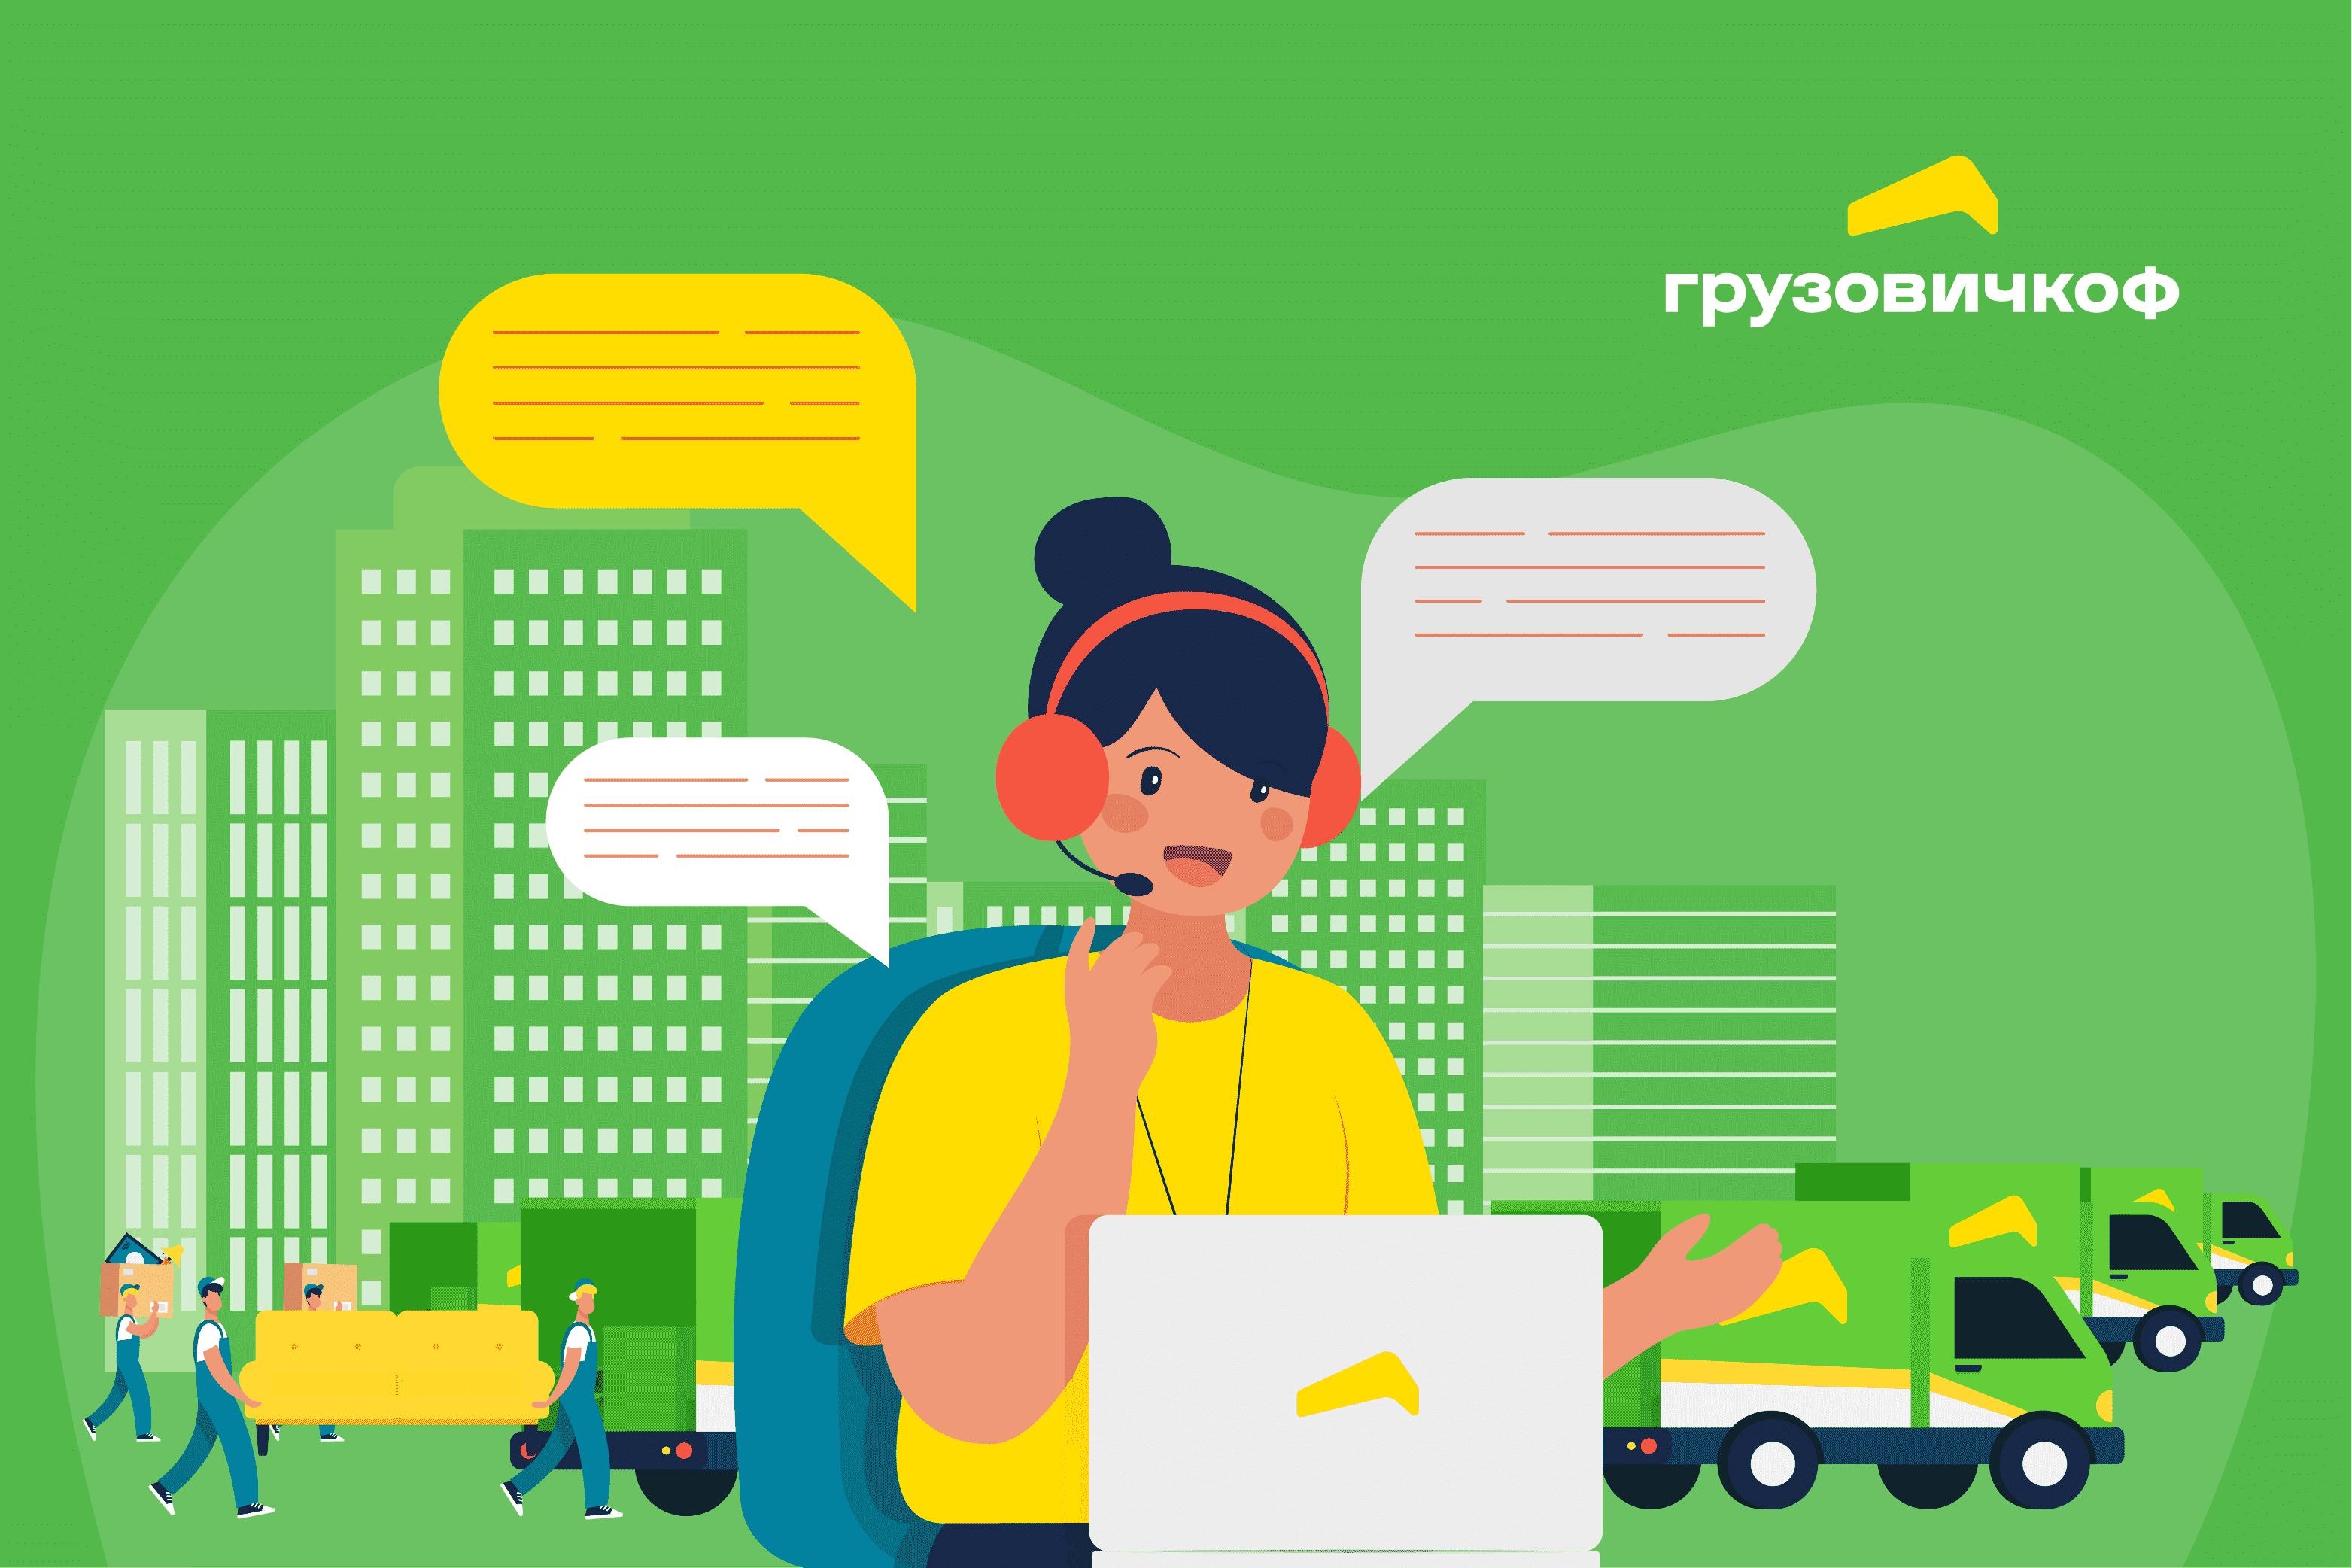 «Улыбаются в трубку»: как сотрудники контактного центра повысили продажи в сервисе «Грузовичкоф»